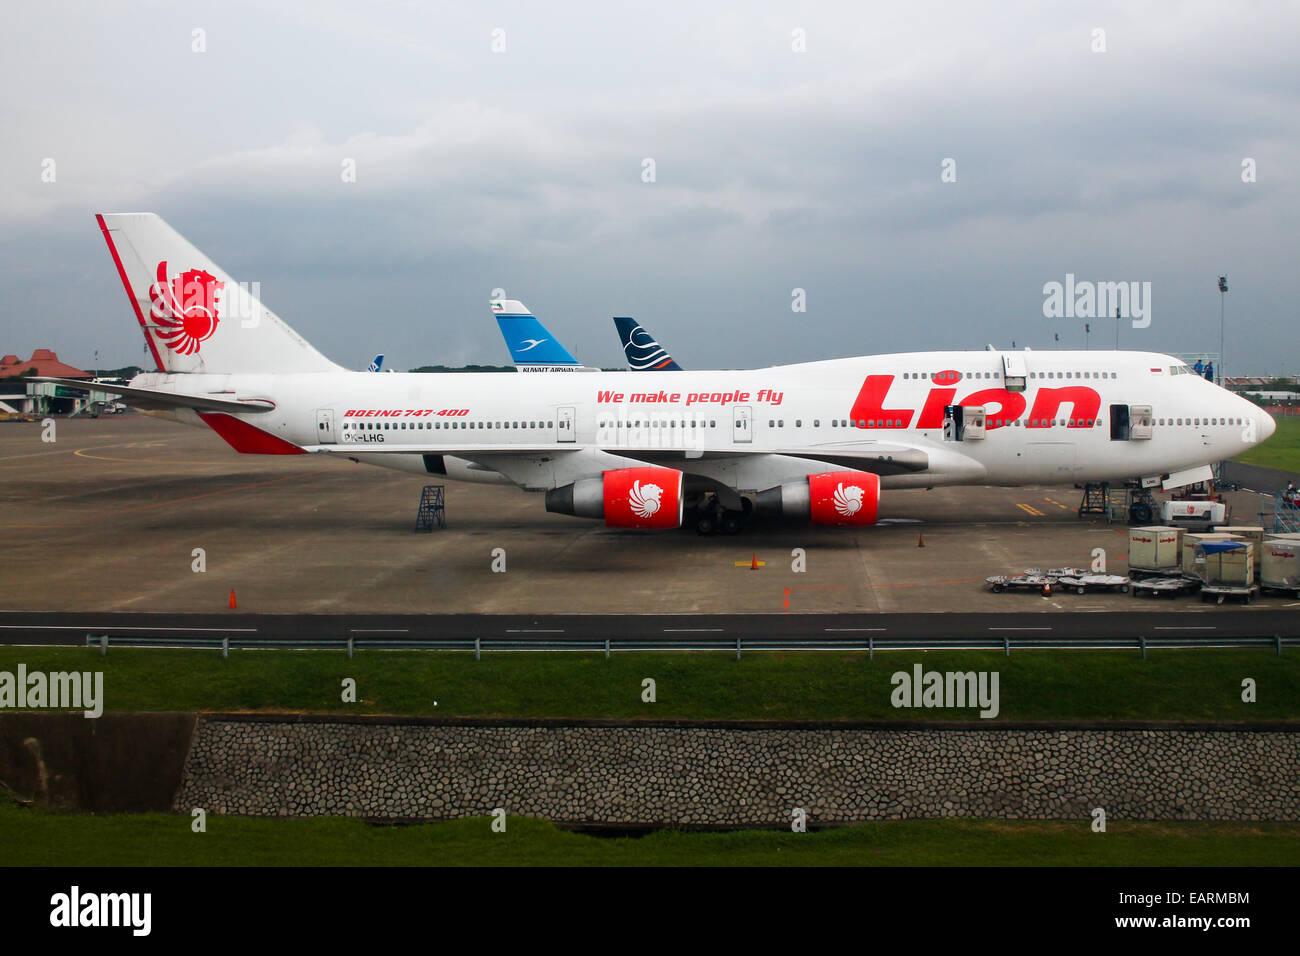 Lion air boeing 747 400 awaits the next hajj pilgrimage to mecca lion air boeing 747 400 awaits the next hajj pilgrimage to mecca stopboris Images